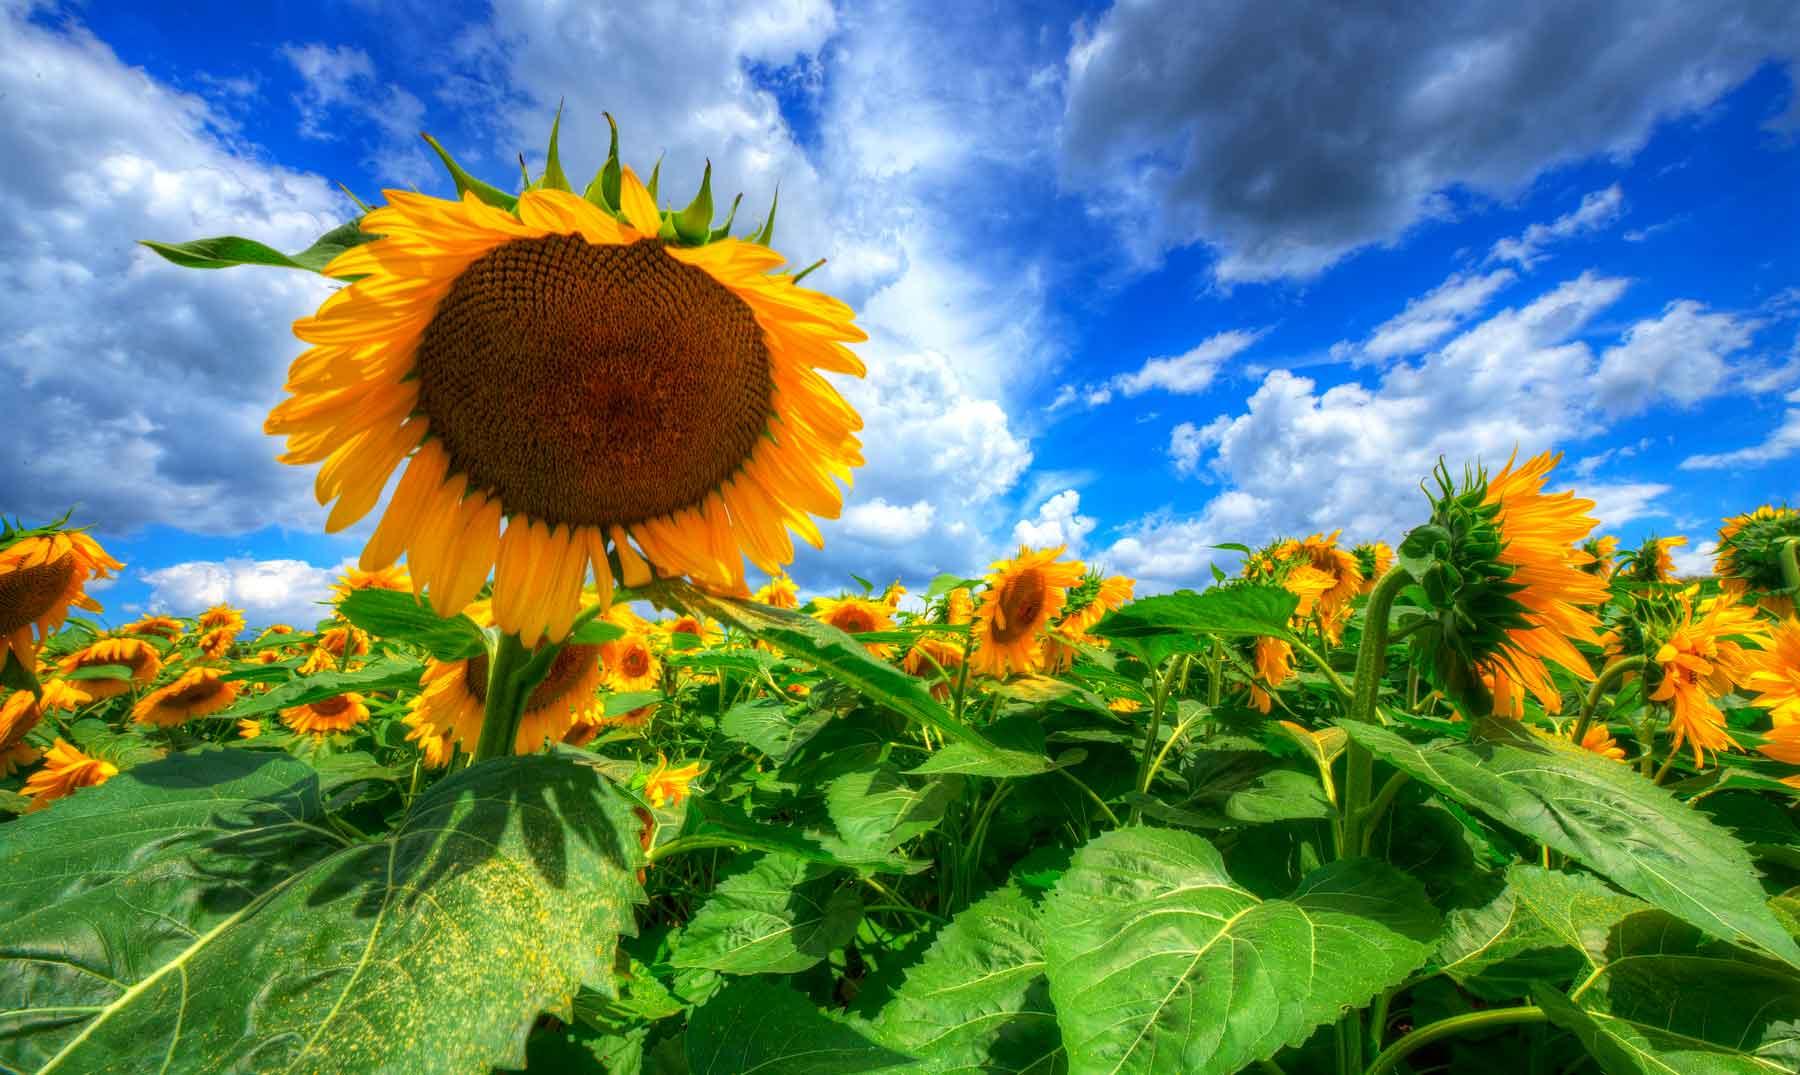 ¿Por qué los girasoles giran mirando al Sol